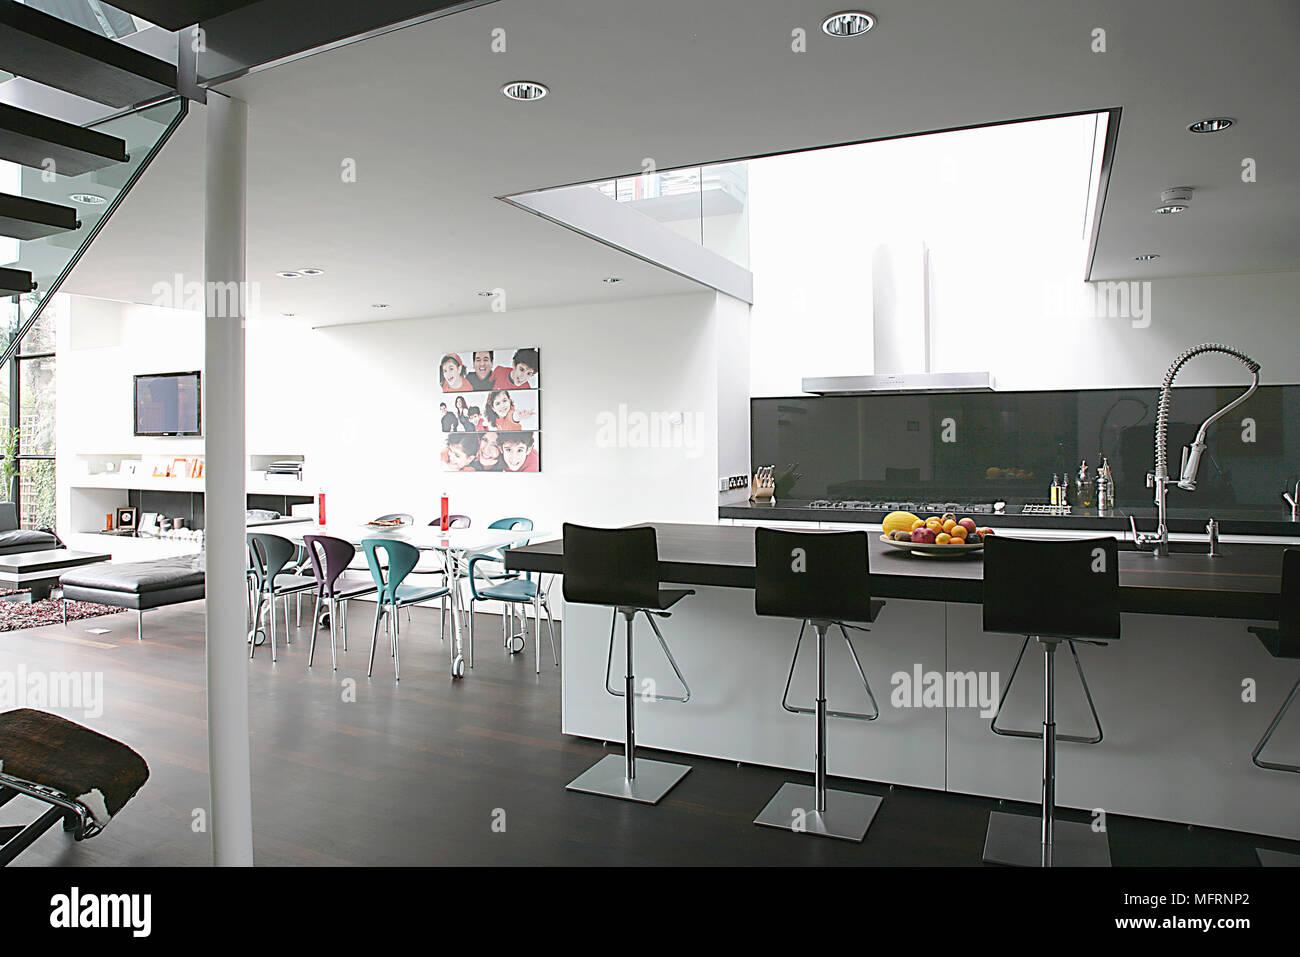 Barhocker Auf Zentraler Kochinsel In Moderne, Geräumige Offene Küche